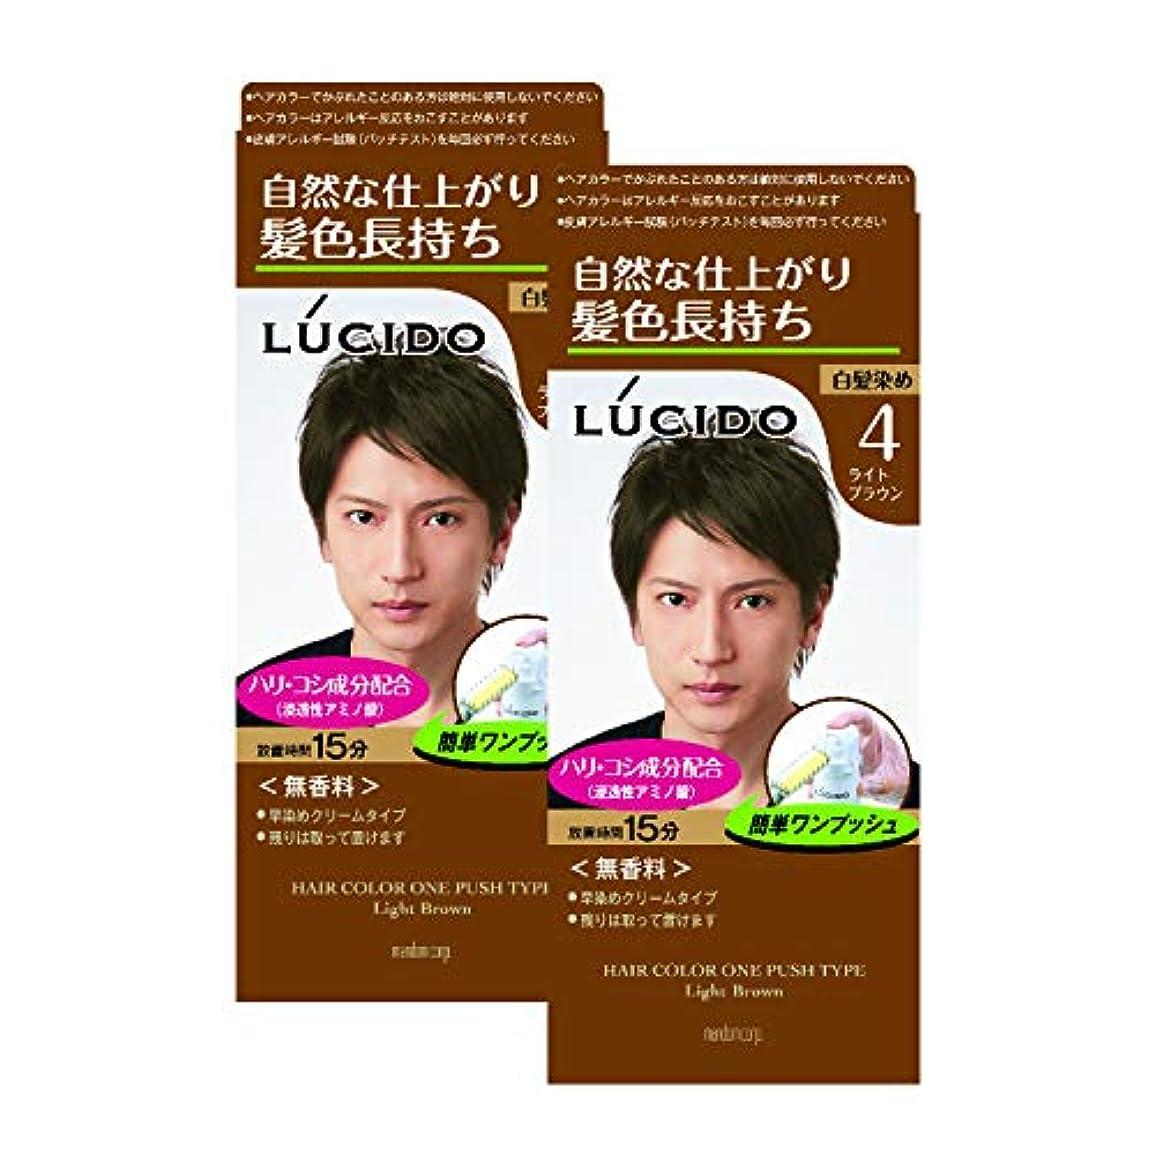 【まとめ買い】ルシード(LUCIDO)ワンプッシュケアカラー ライトブラウン 2個パック メンズ用 無香料 白髪染め ショートヘア約4回分 (医薬部外品)